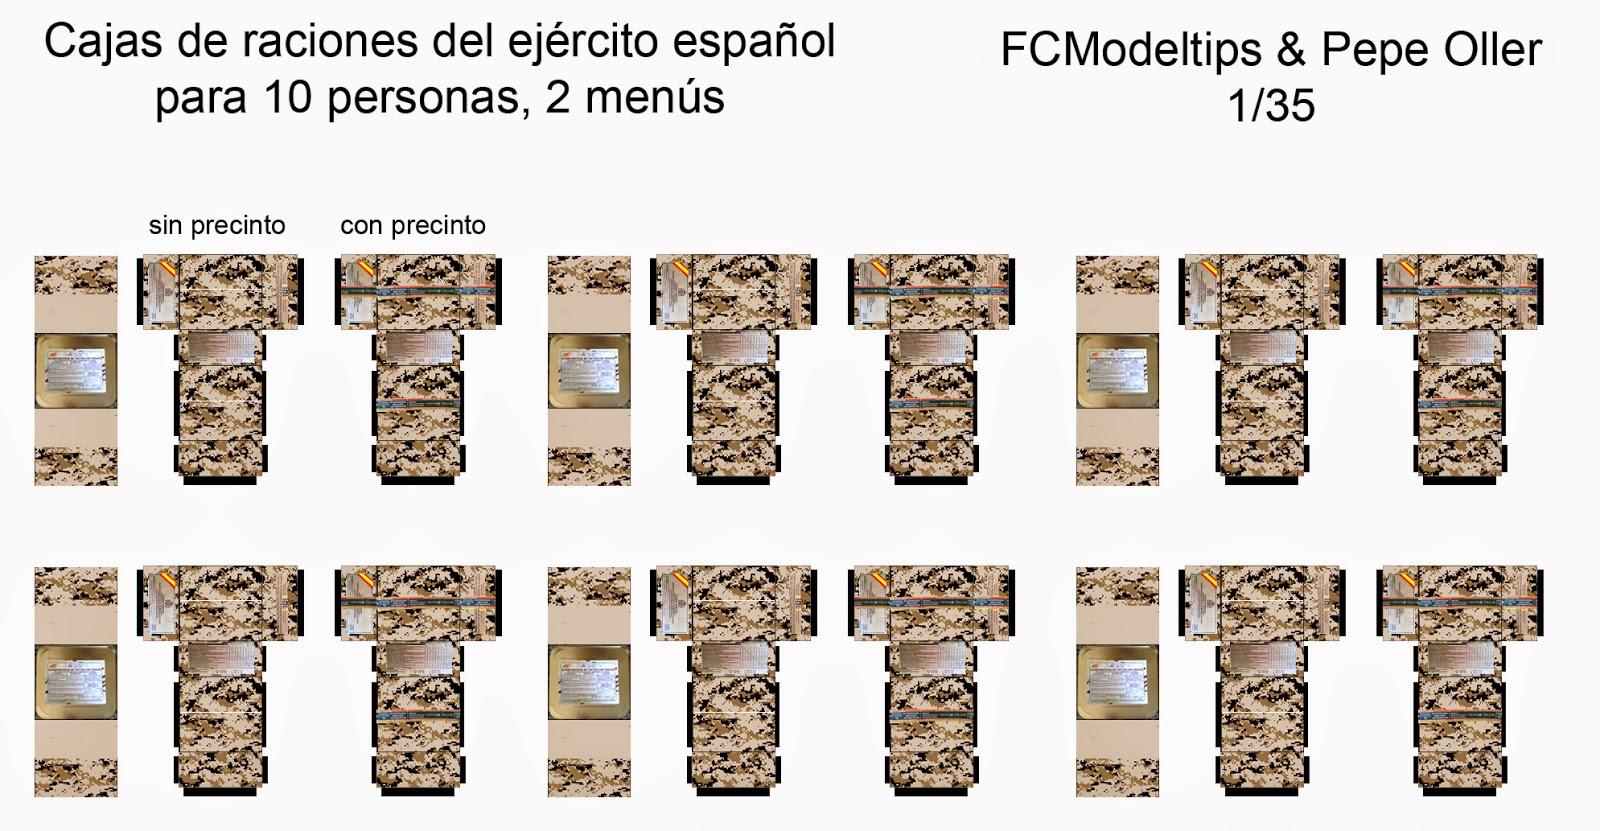 fcmodeltips federico collada raciones españolas 3